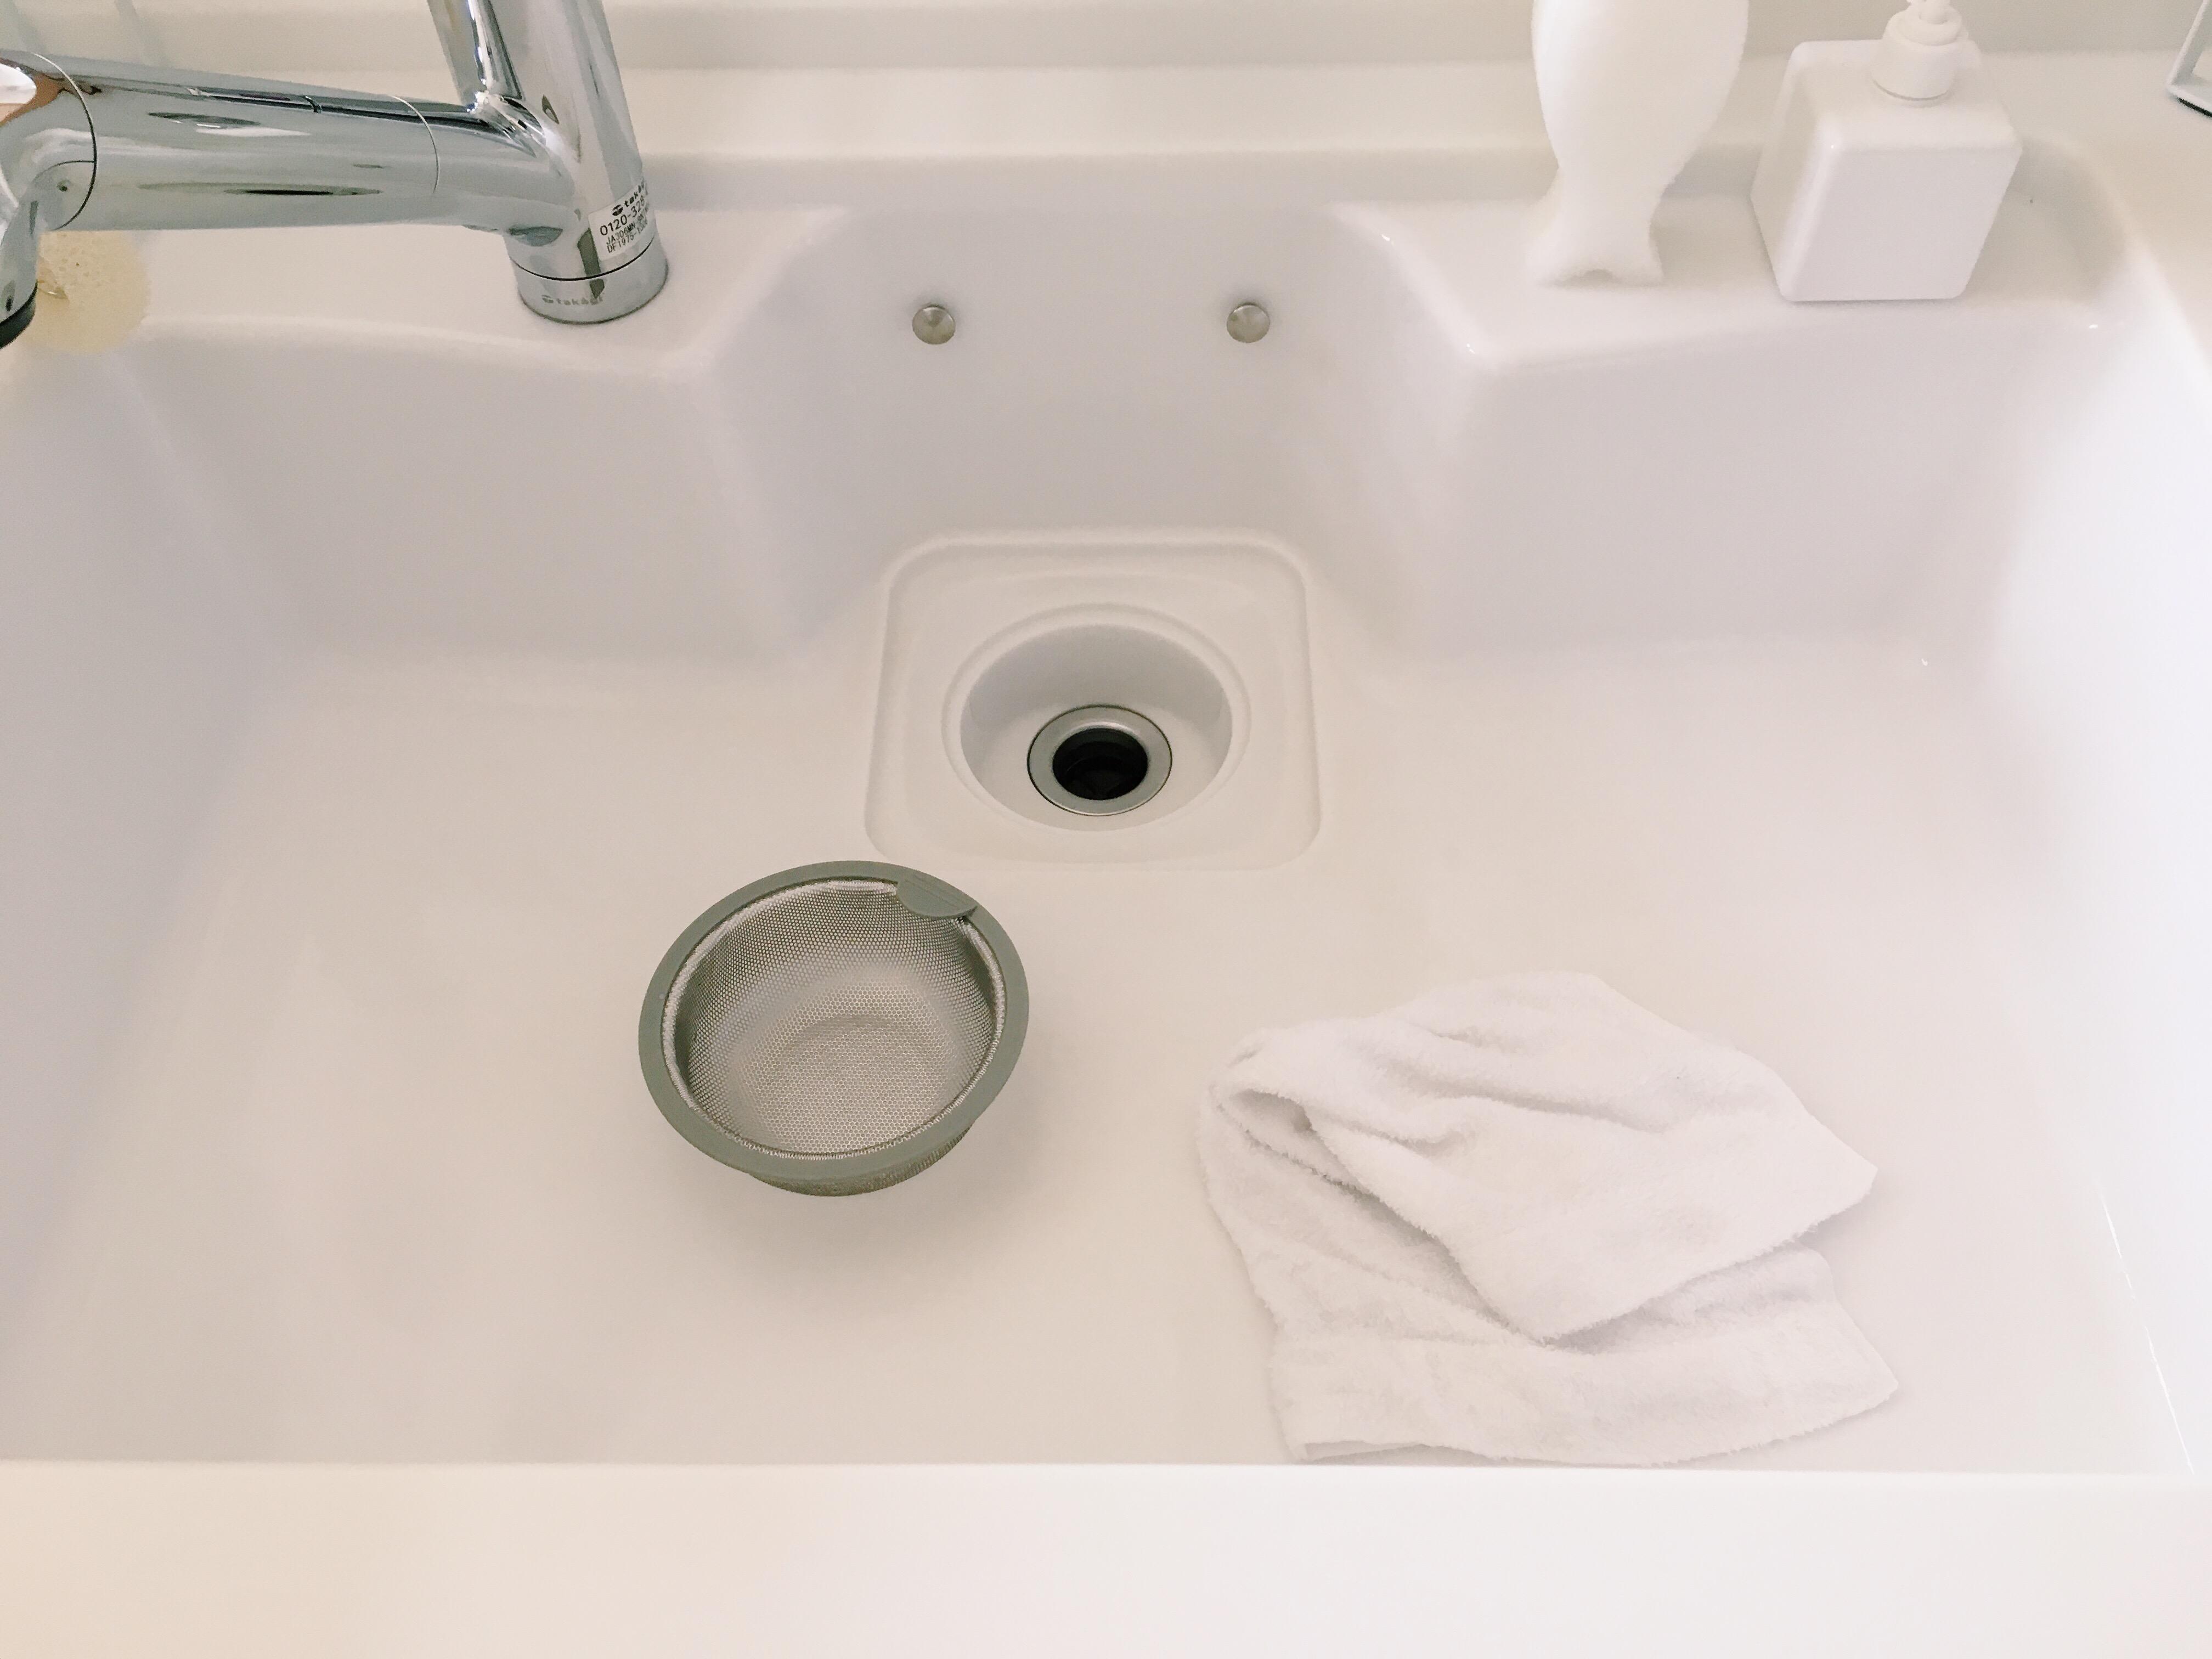 シンク内をタオルで拭き上げています。